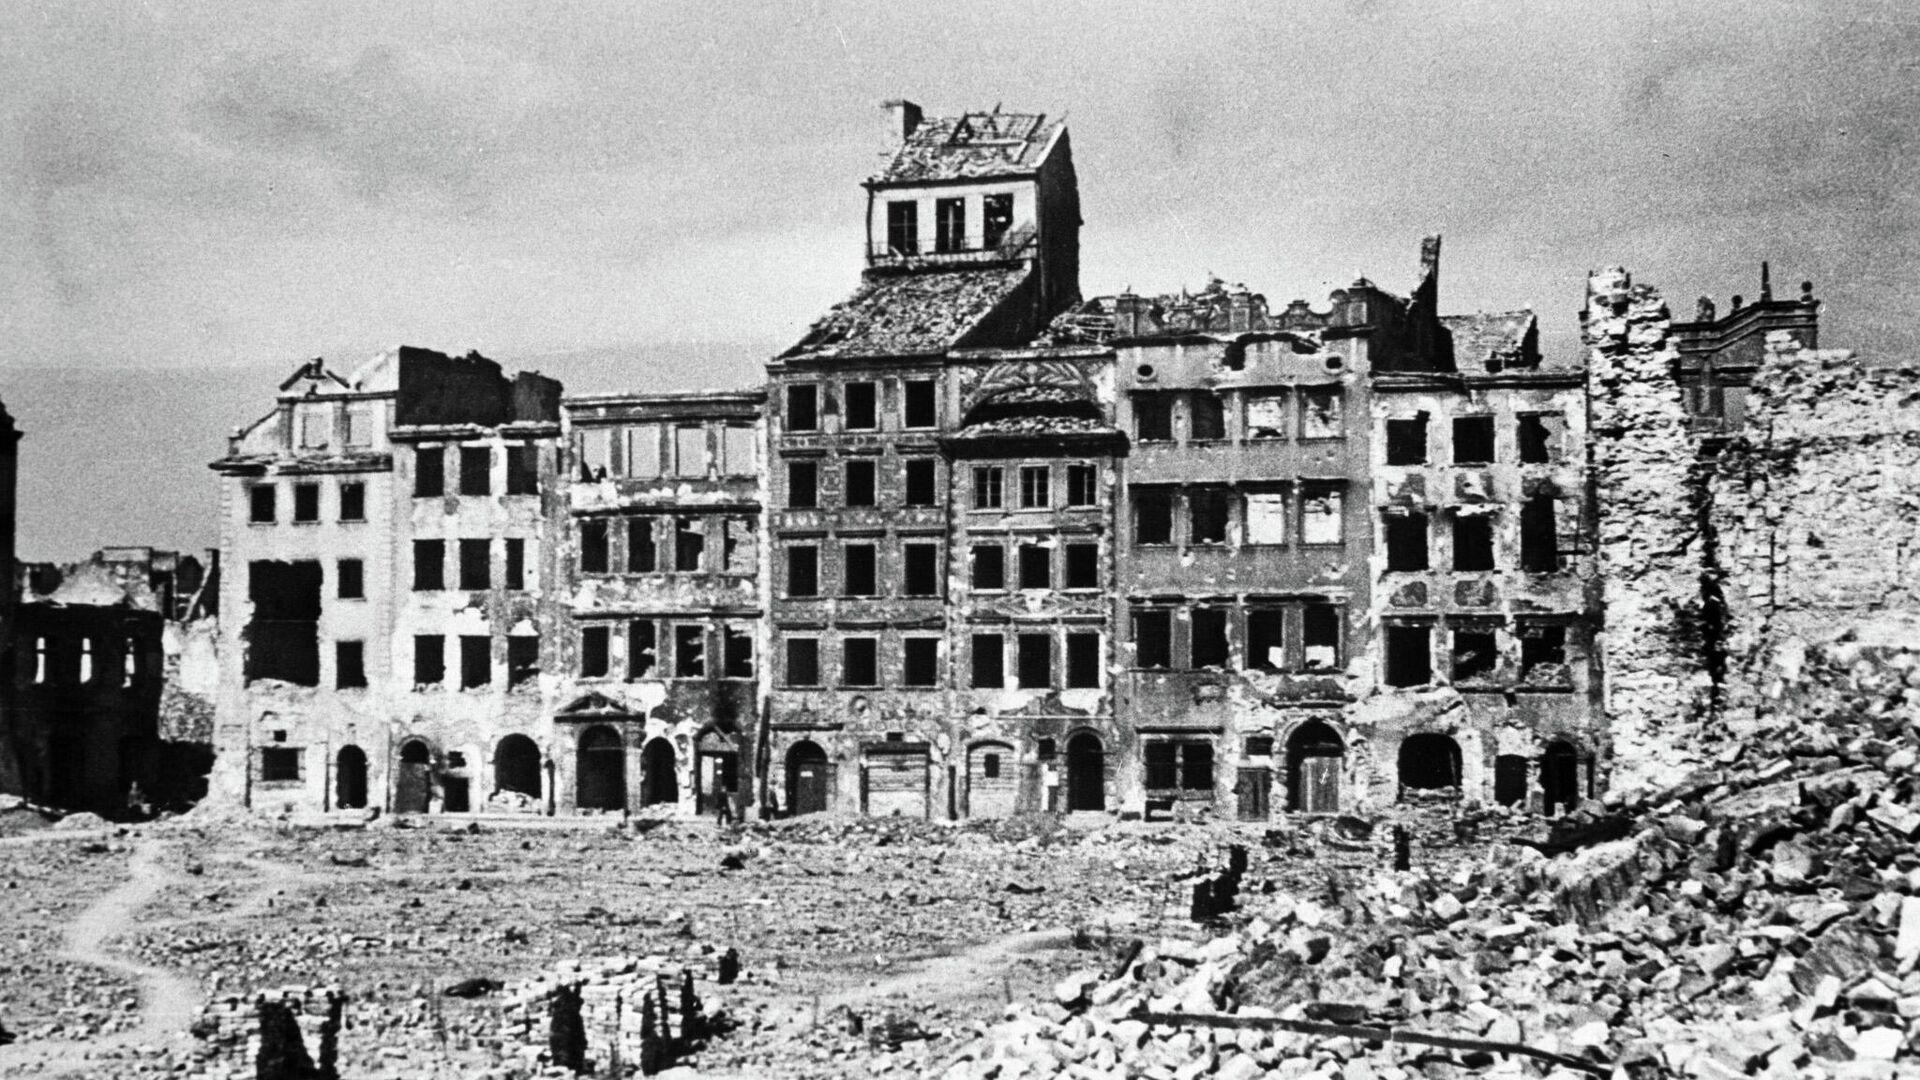 Widok na ulicę w Warszawie w czasie II wojny światowej. - Sputnik Polska, 1920, 01.09.2021